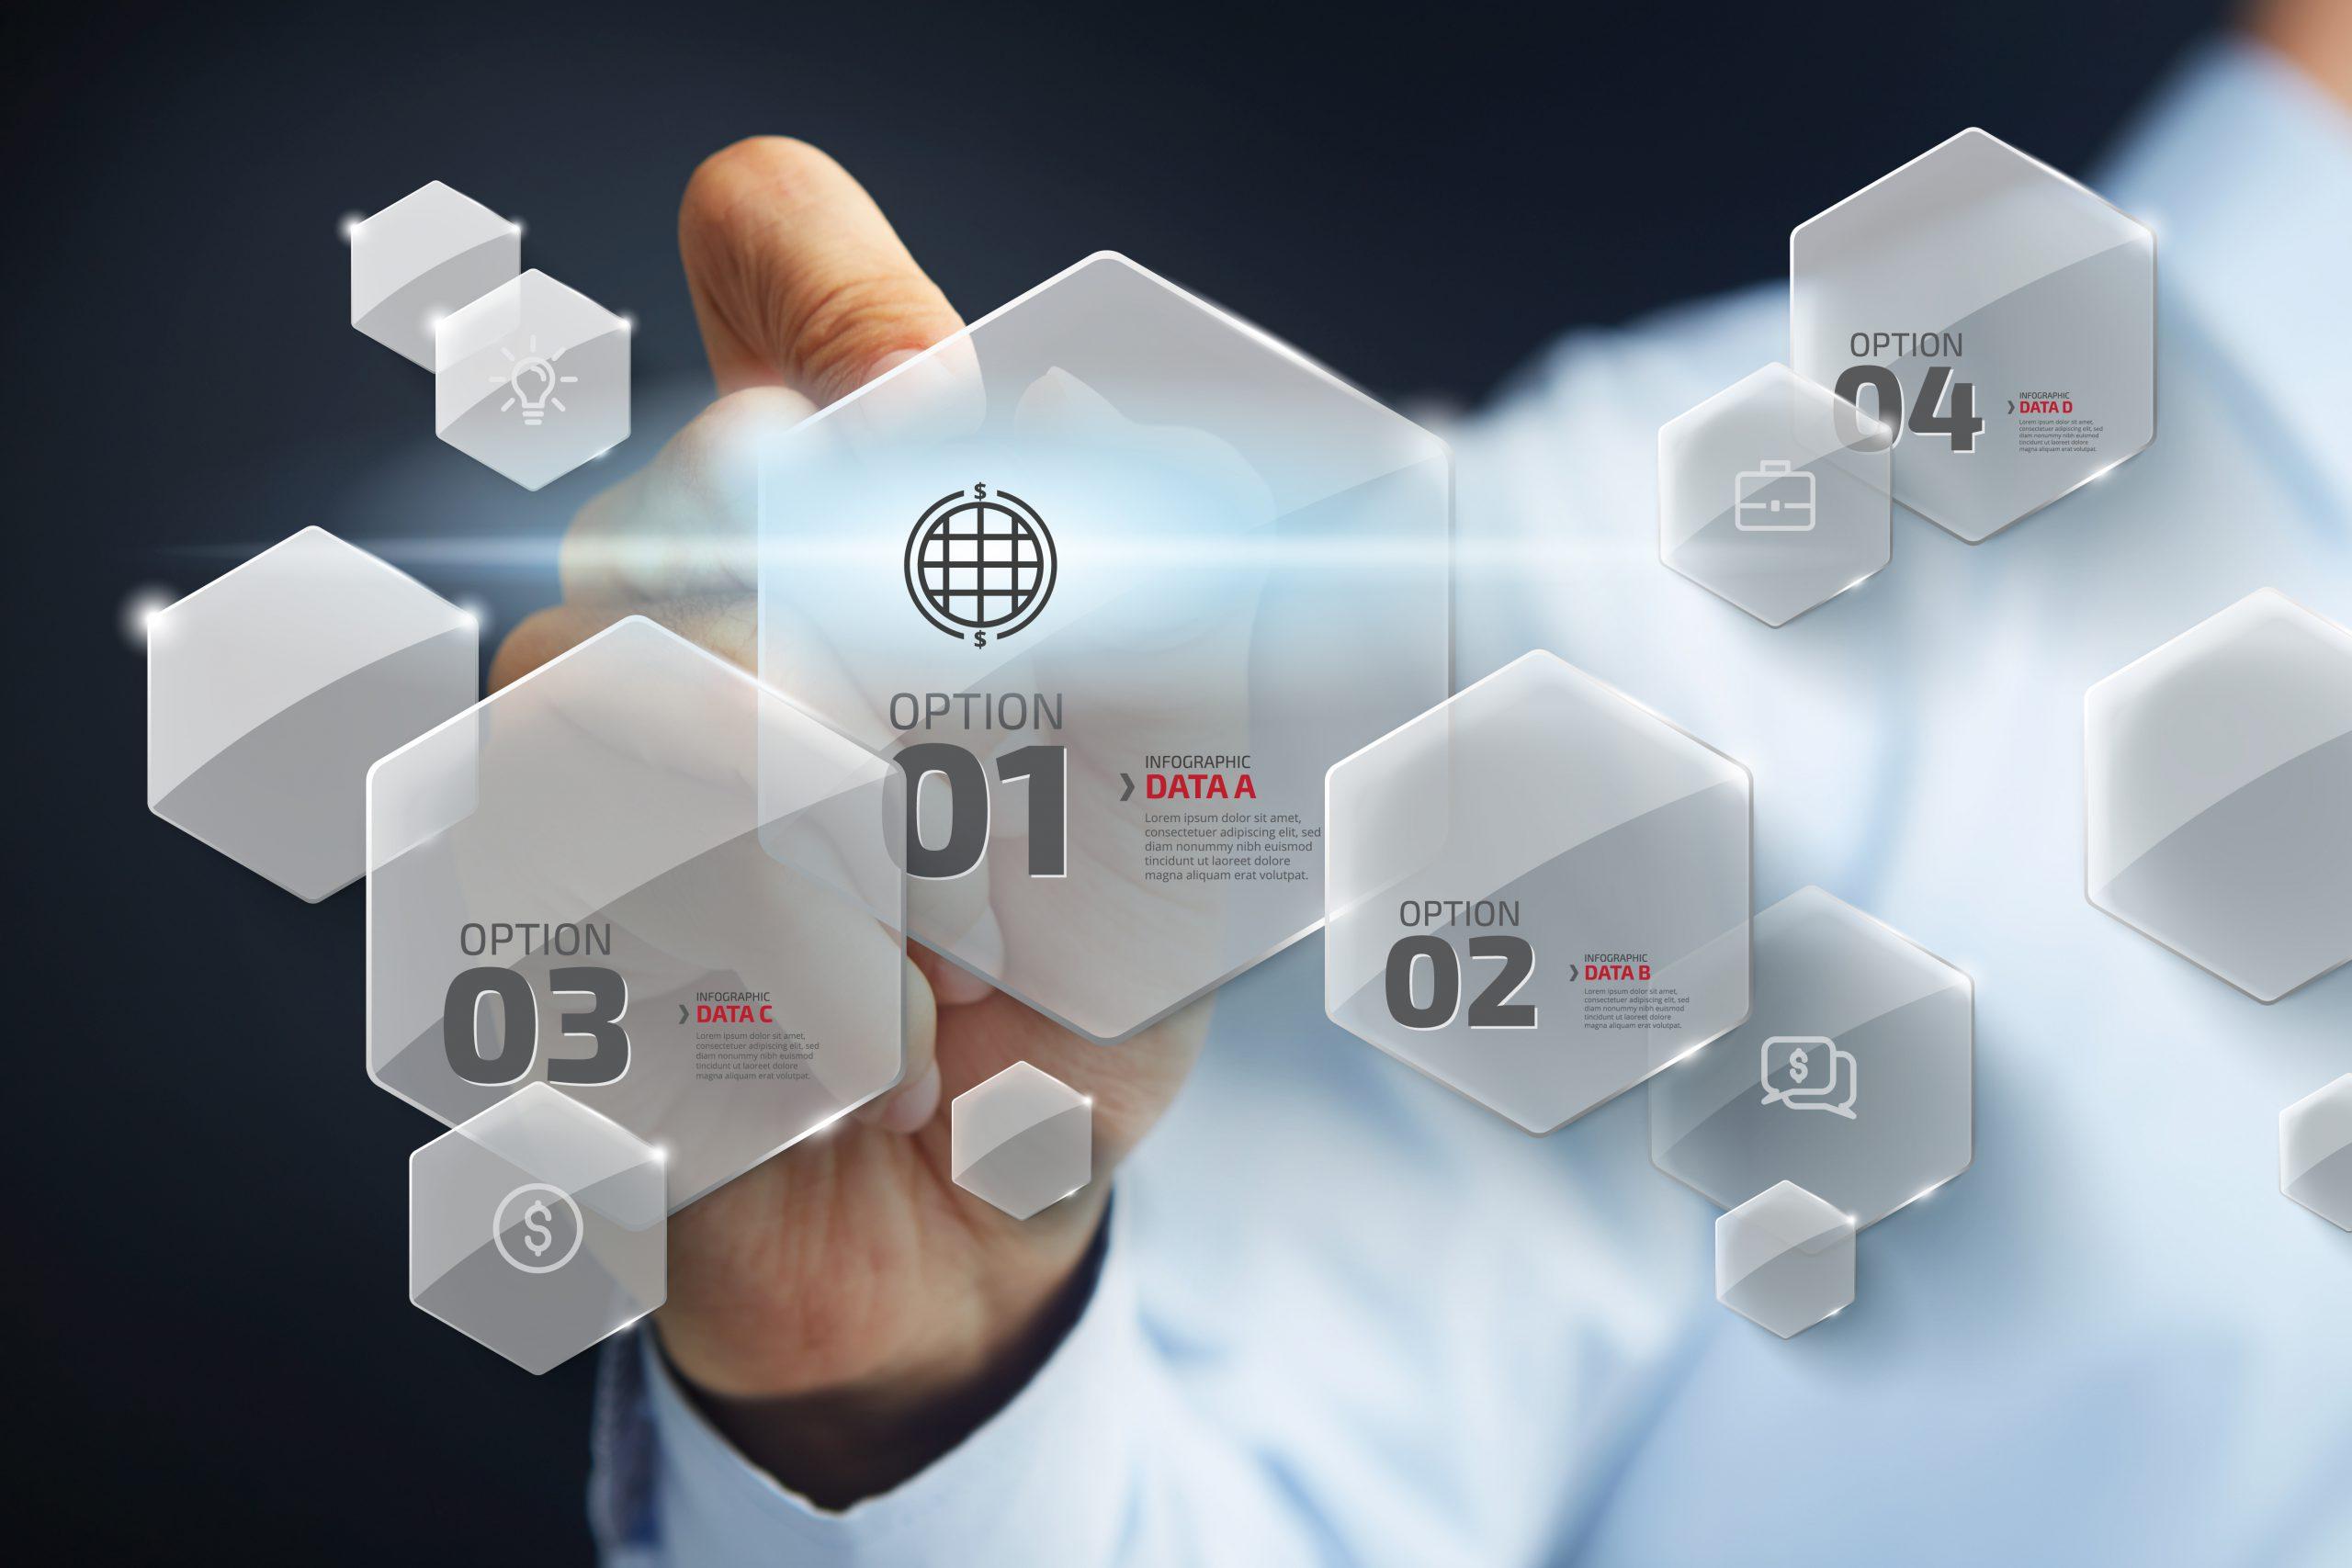 קורס דיגיטלי – העתיד כבר כאן הכל עובר לקורס דיגיטלי